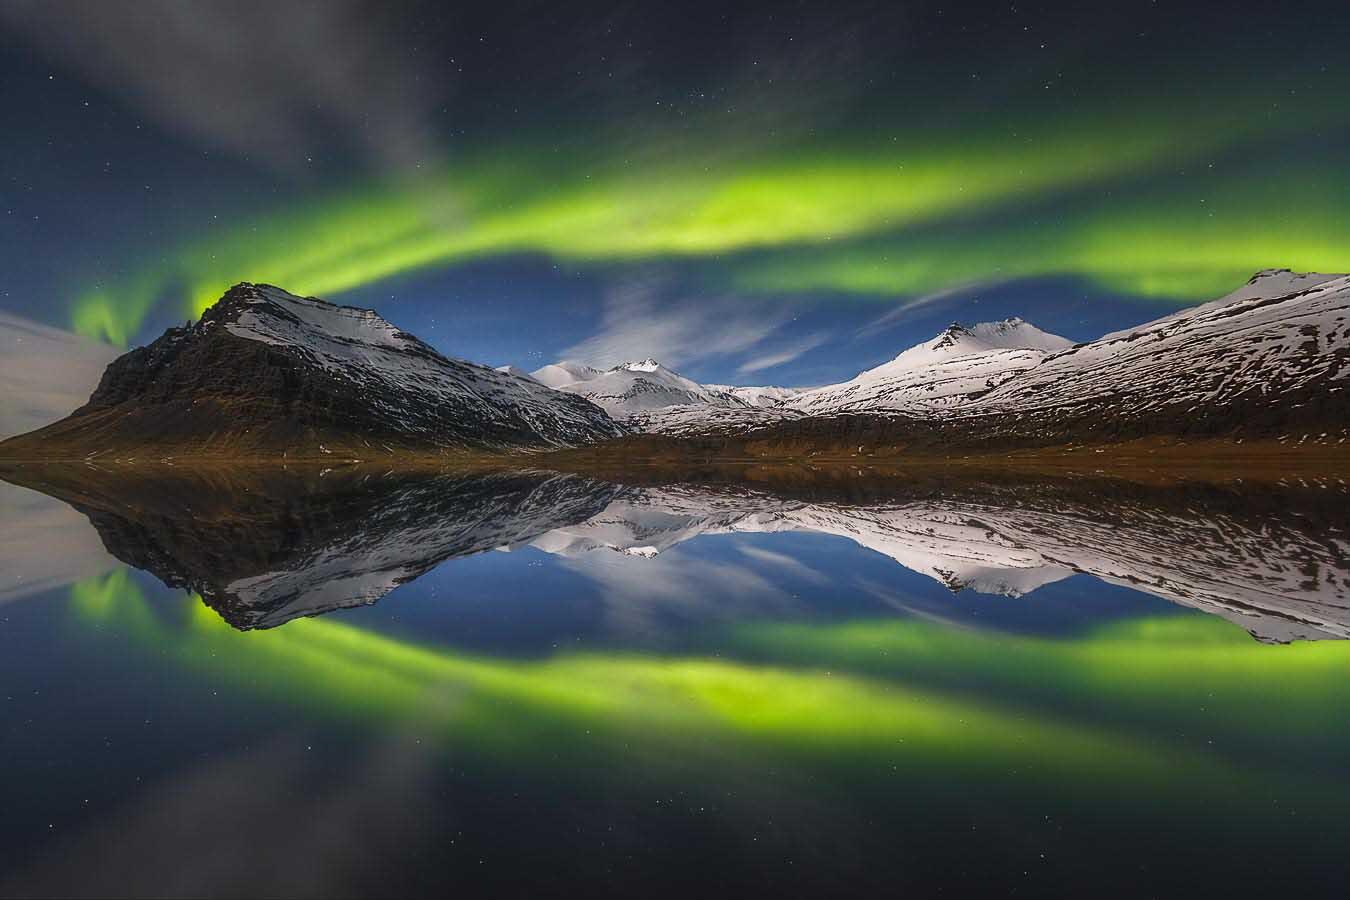 아이슬란드의 6일 겨울 오로라 헌팅 여행   레이캬비크에서 얼음동굴까지